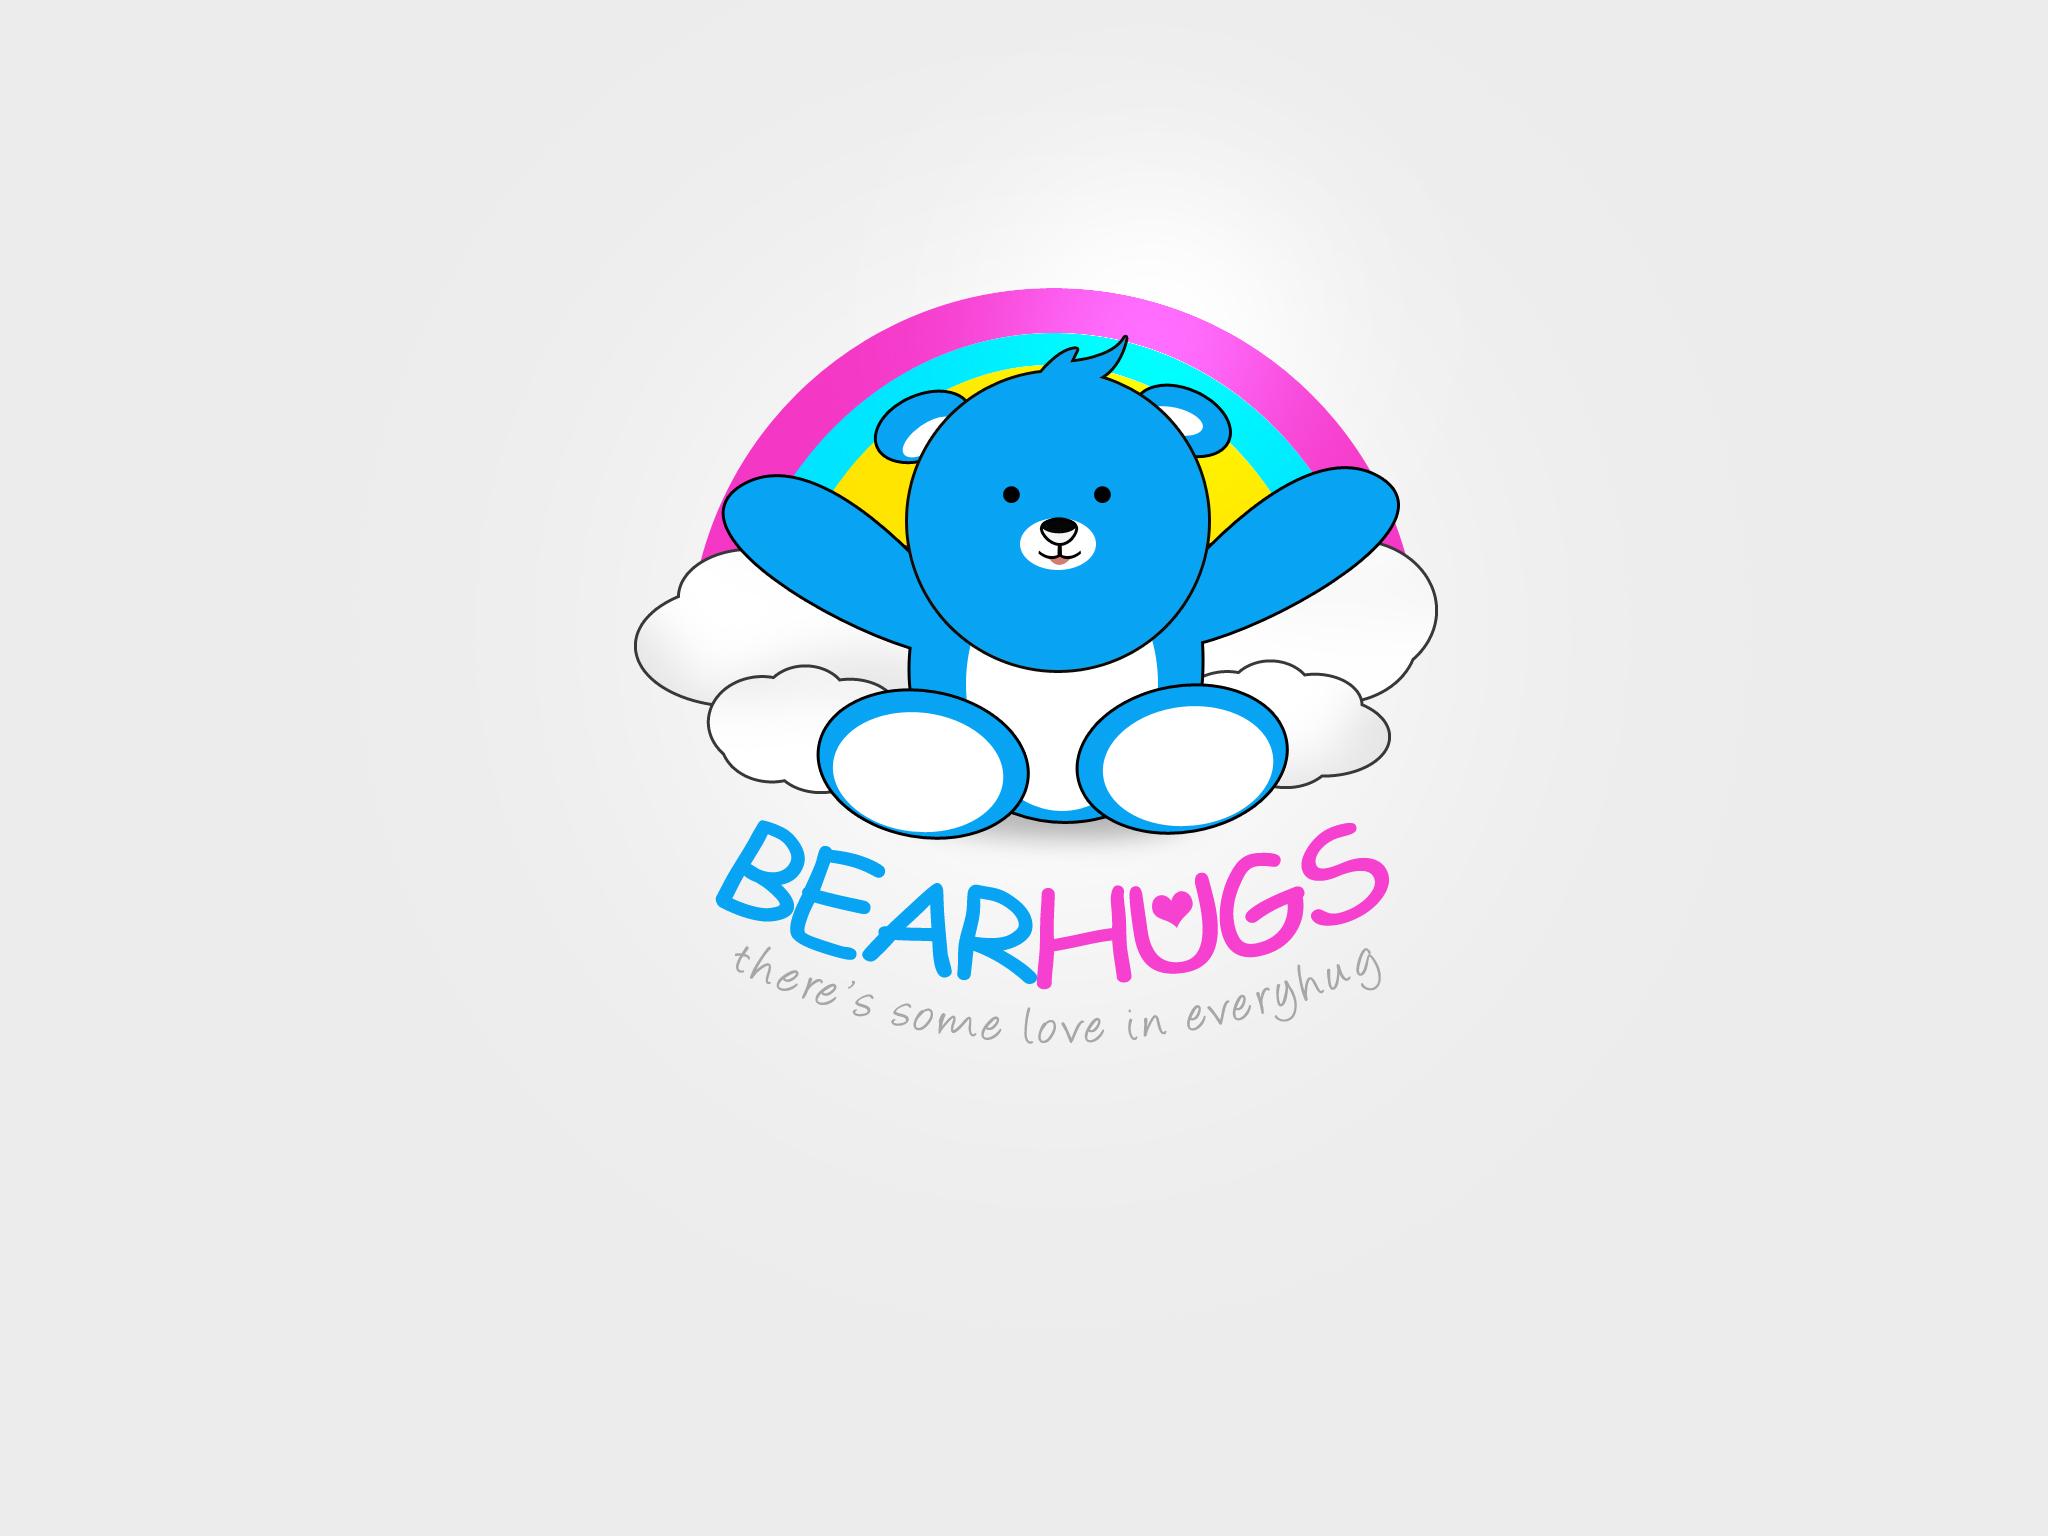 Logo Design by Jan Chua - Entry No. 52 in the Logo Design Contest Inspiring Logo Design for BearHugs.